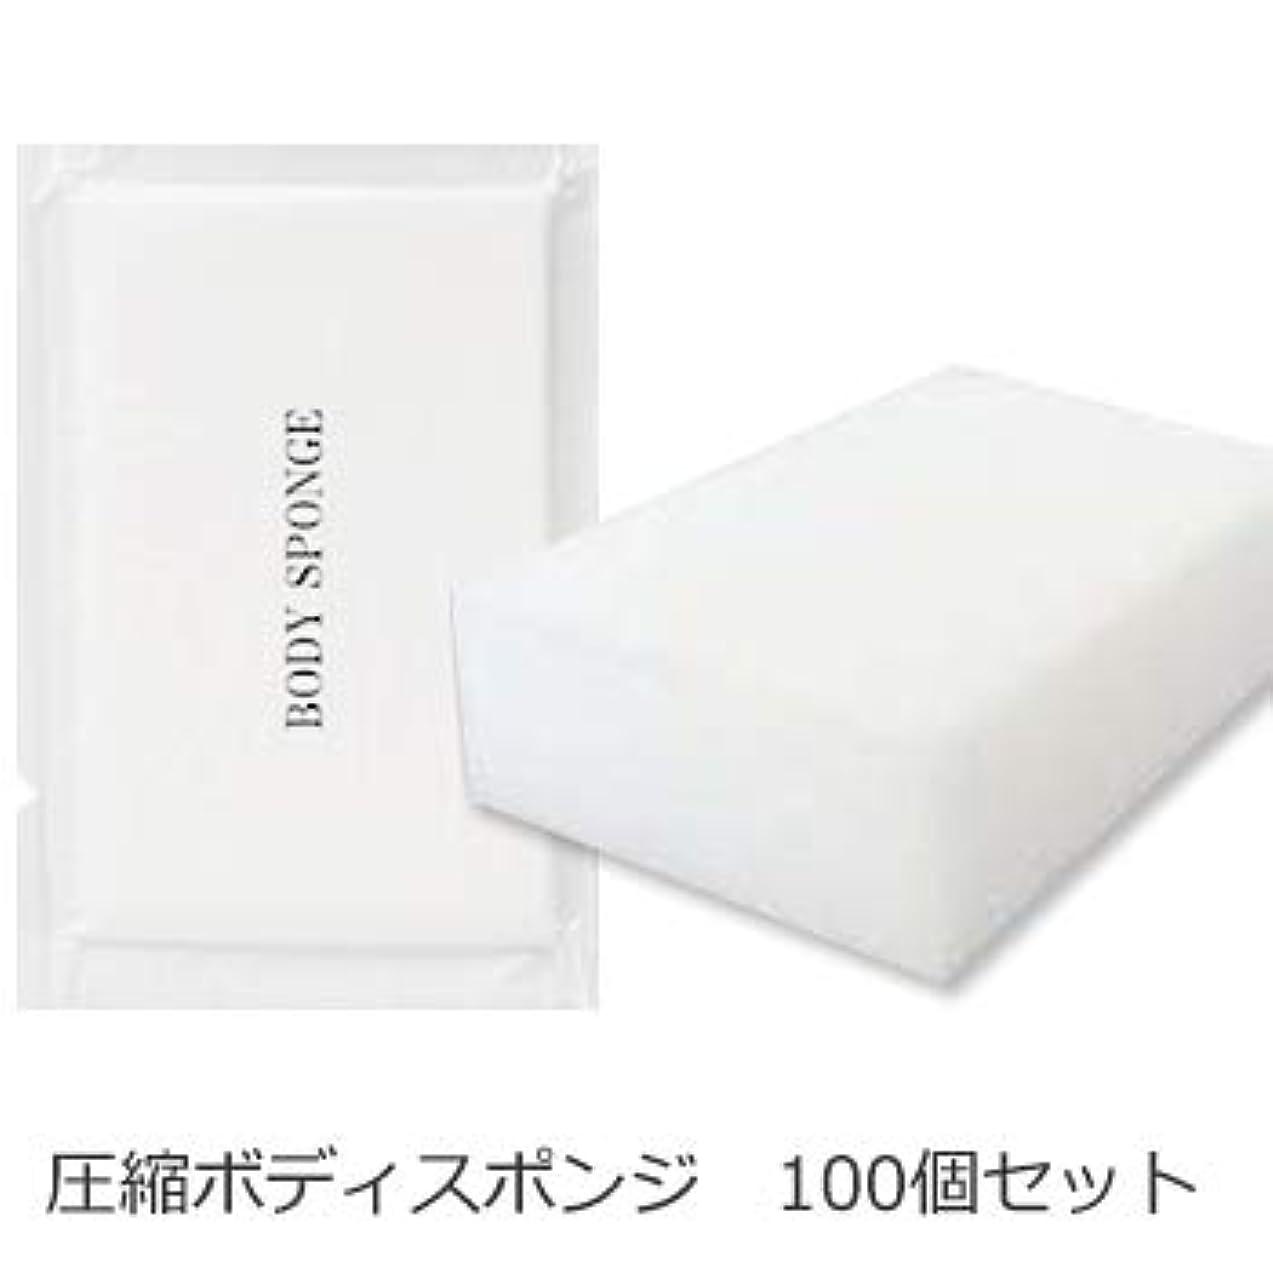 音体操実際ボディスポンジ 海綿タイプ 厚み 30mm (1セット100個入)1個当たり14円税別